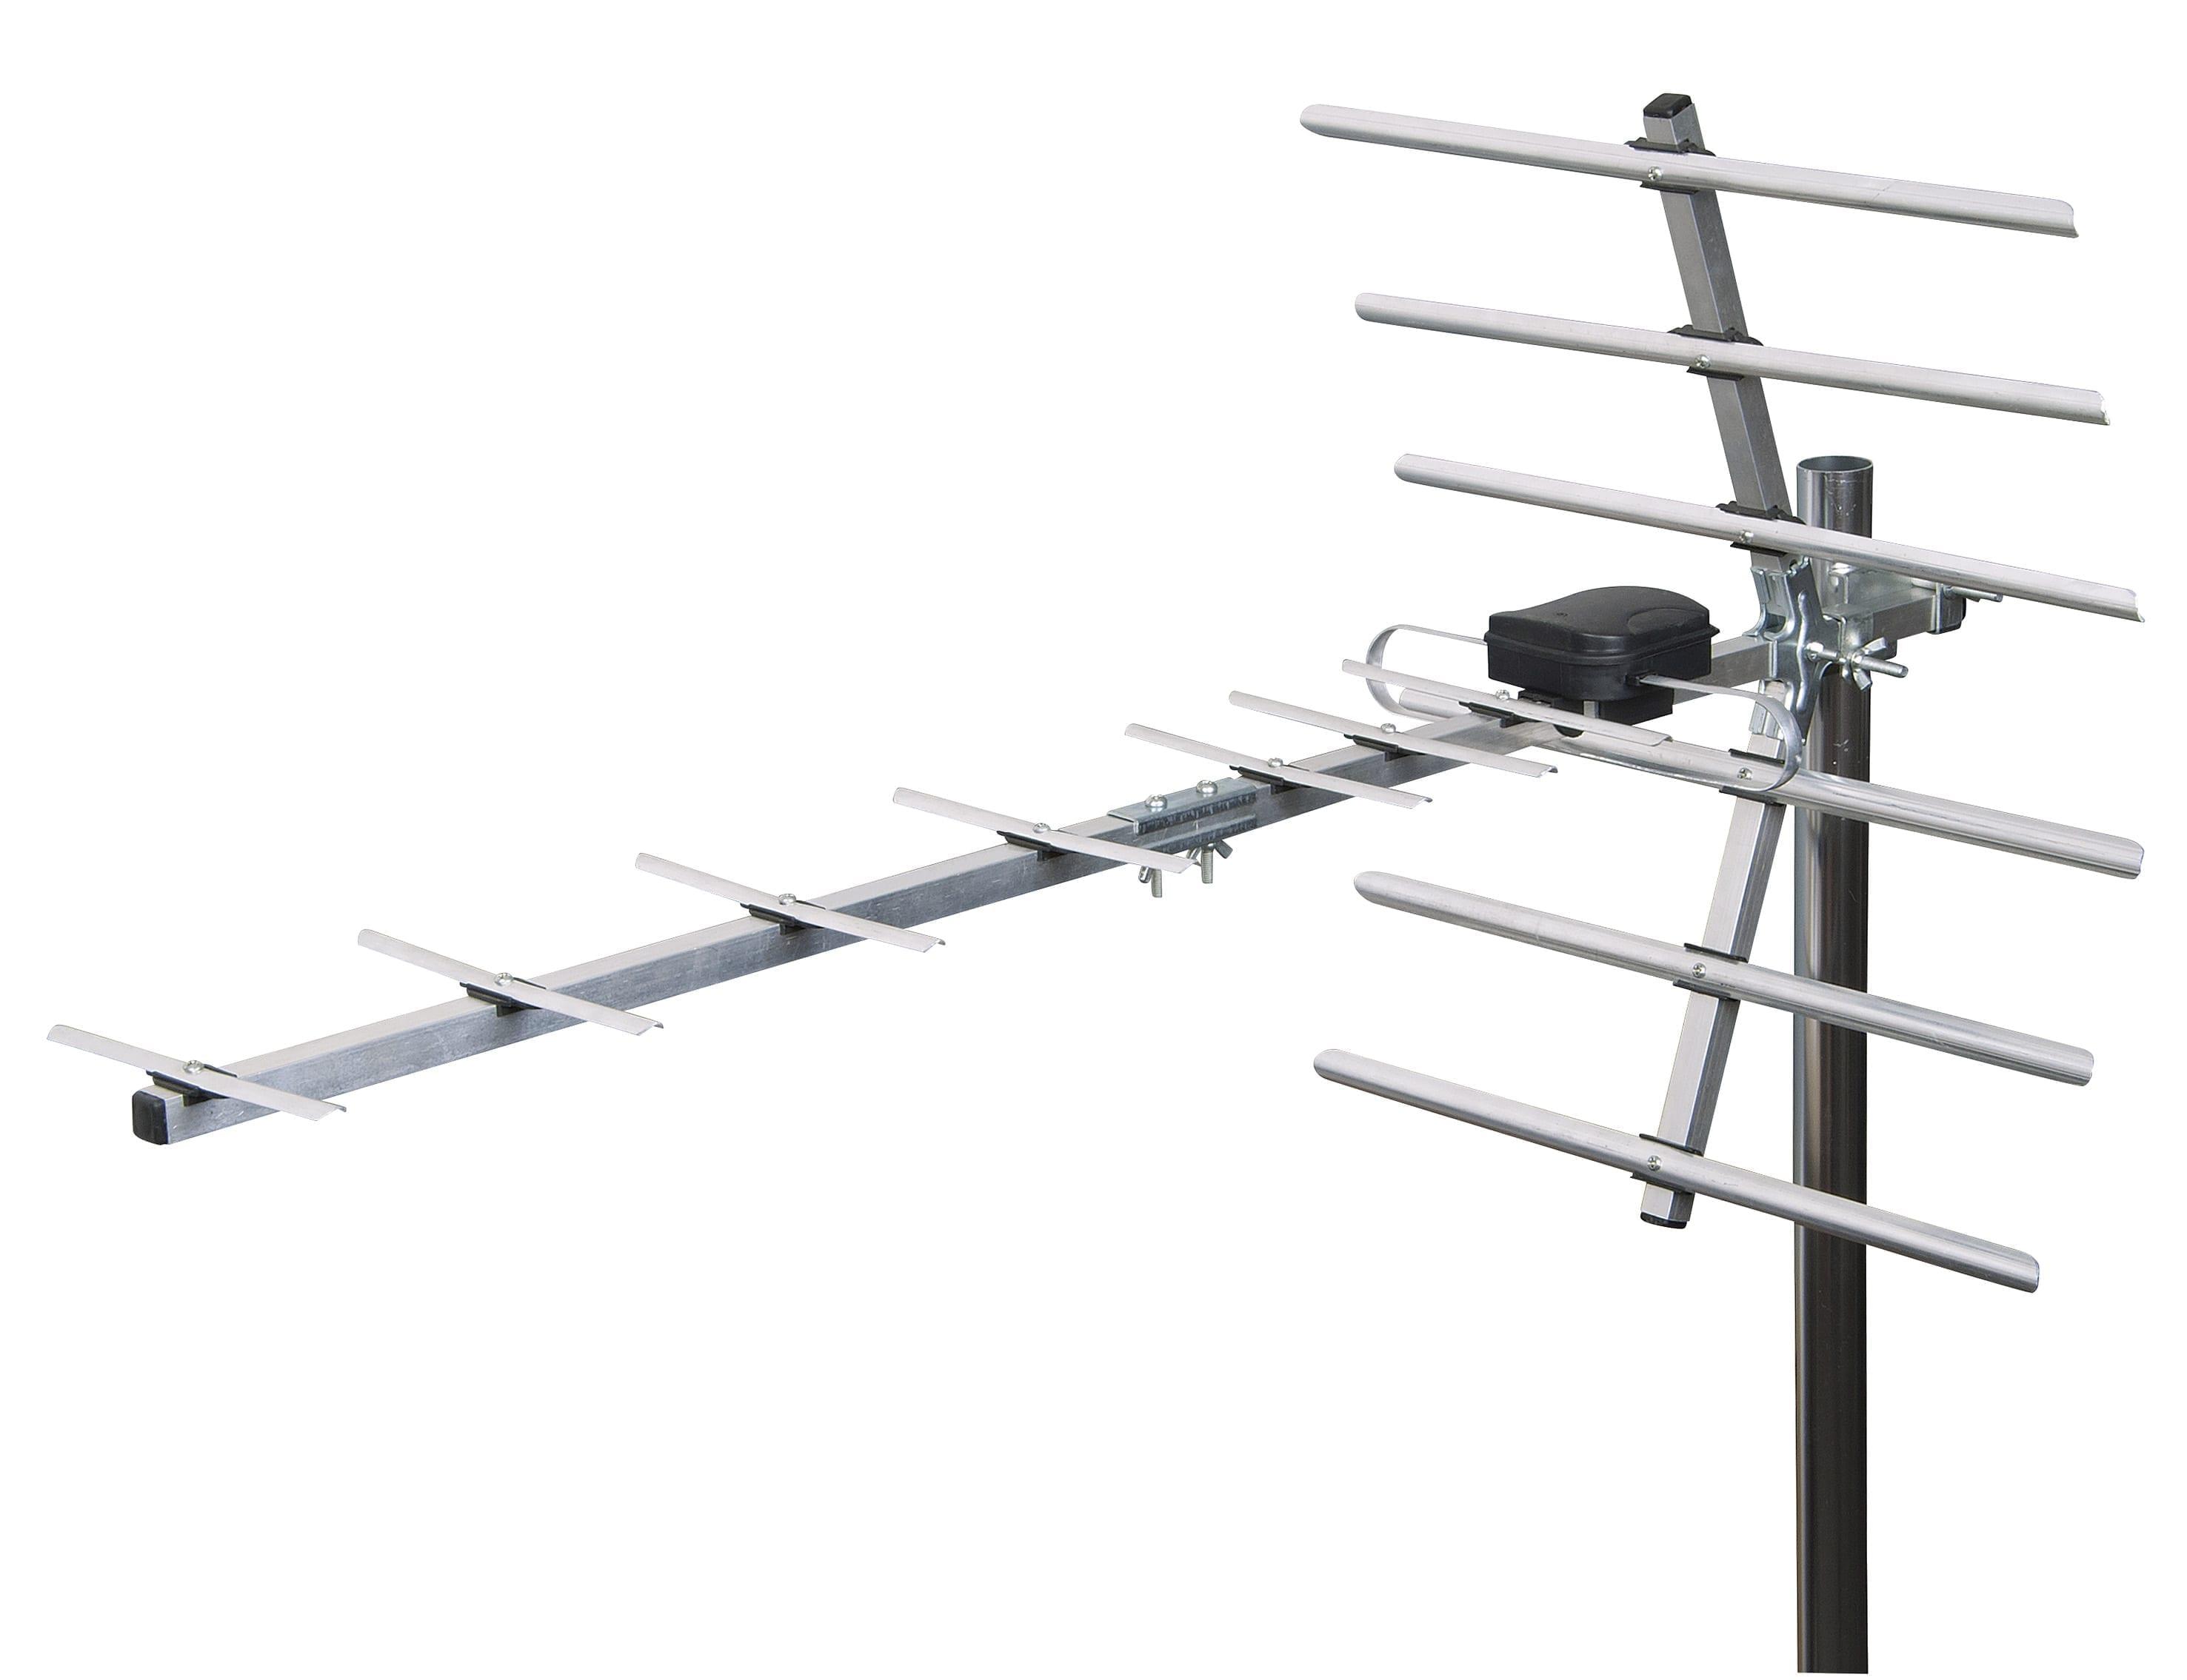 Philex SLx 4G 14 Element Digital TV Aerial